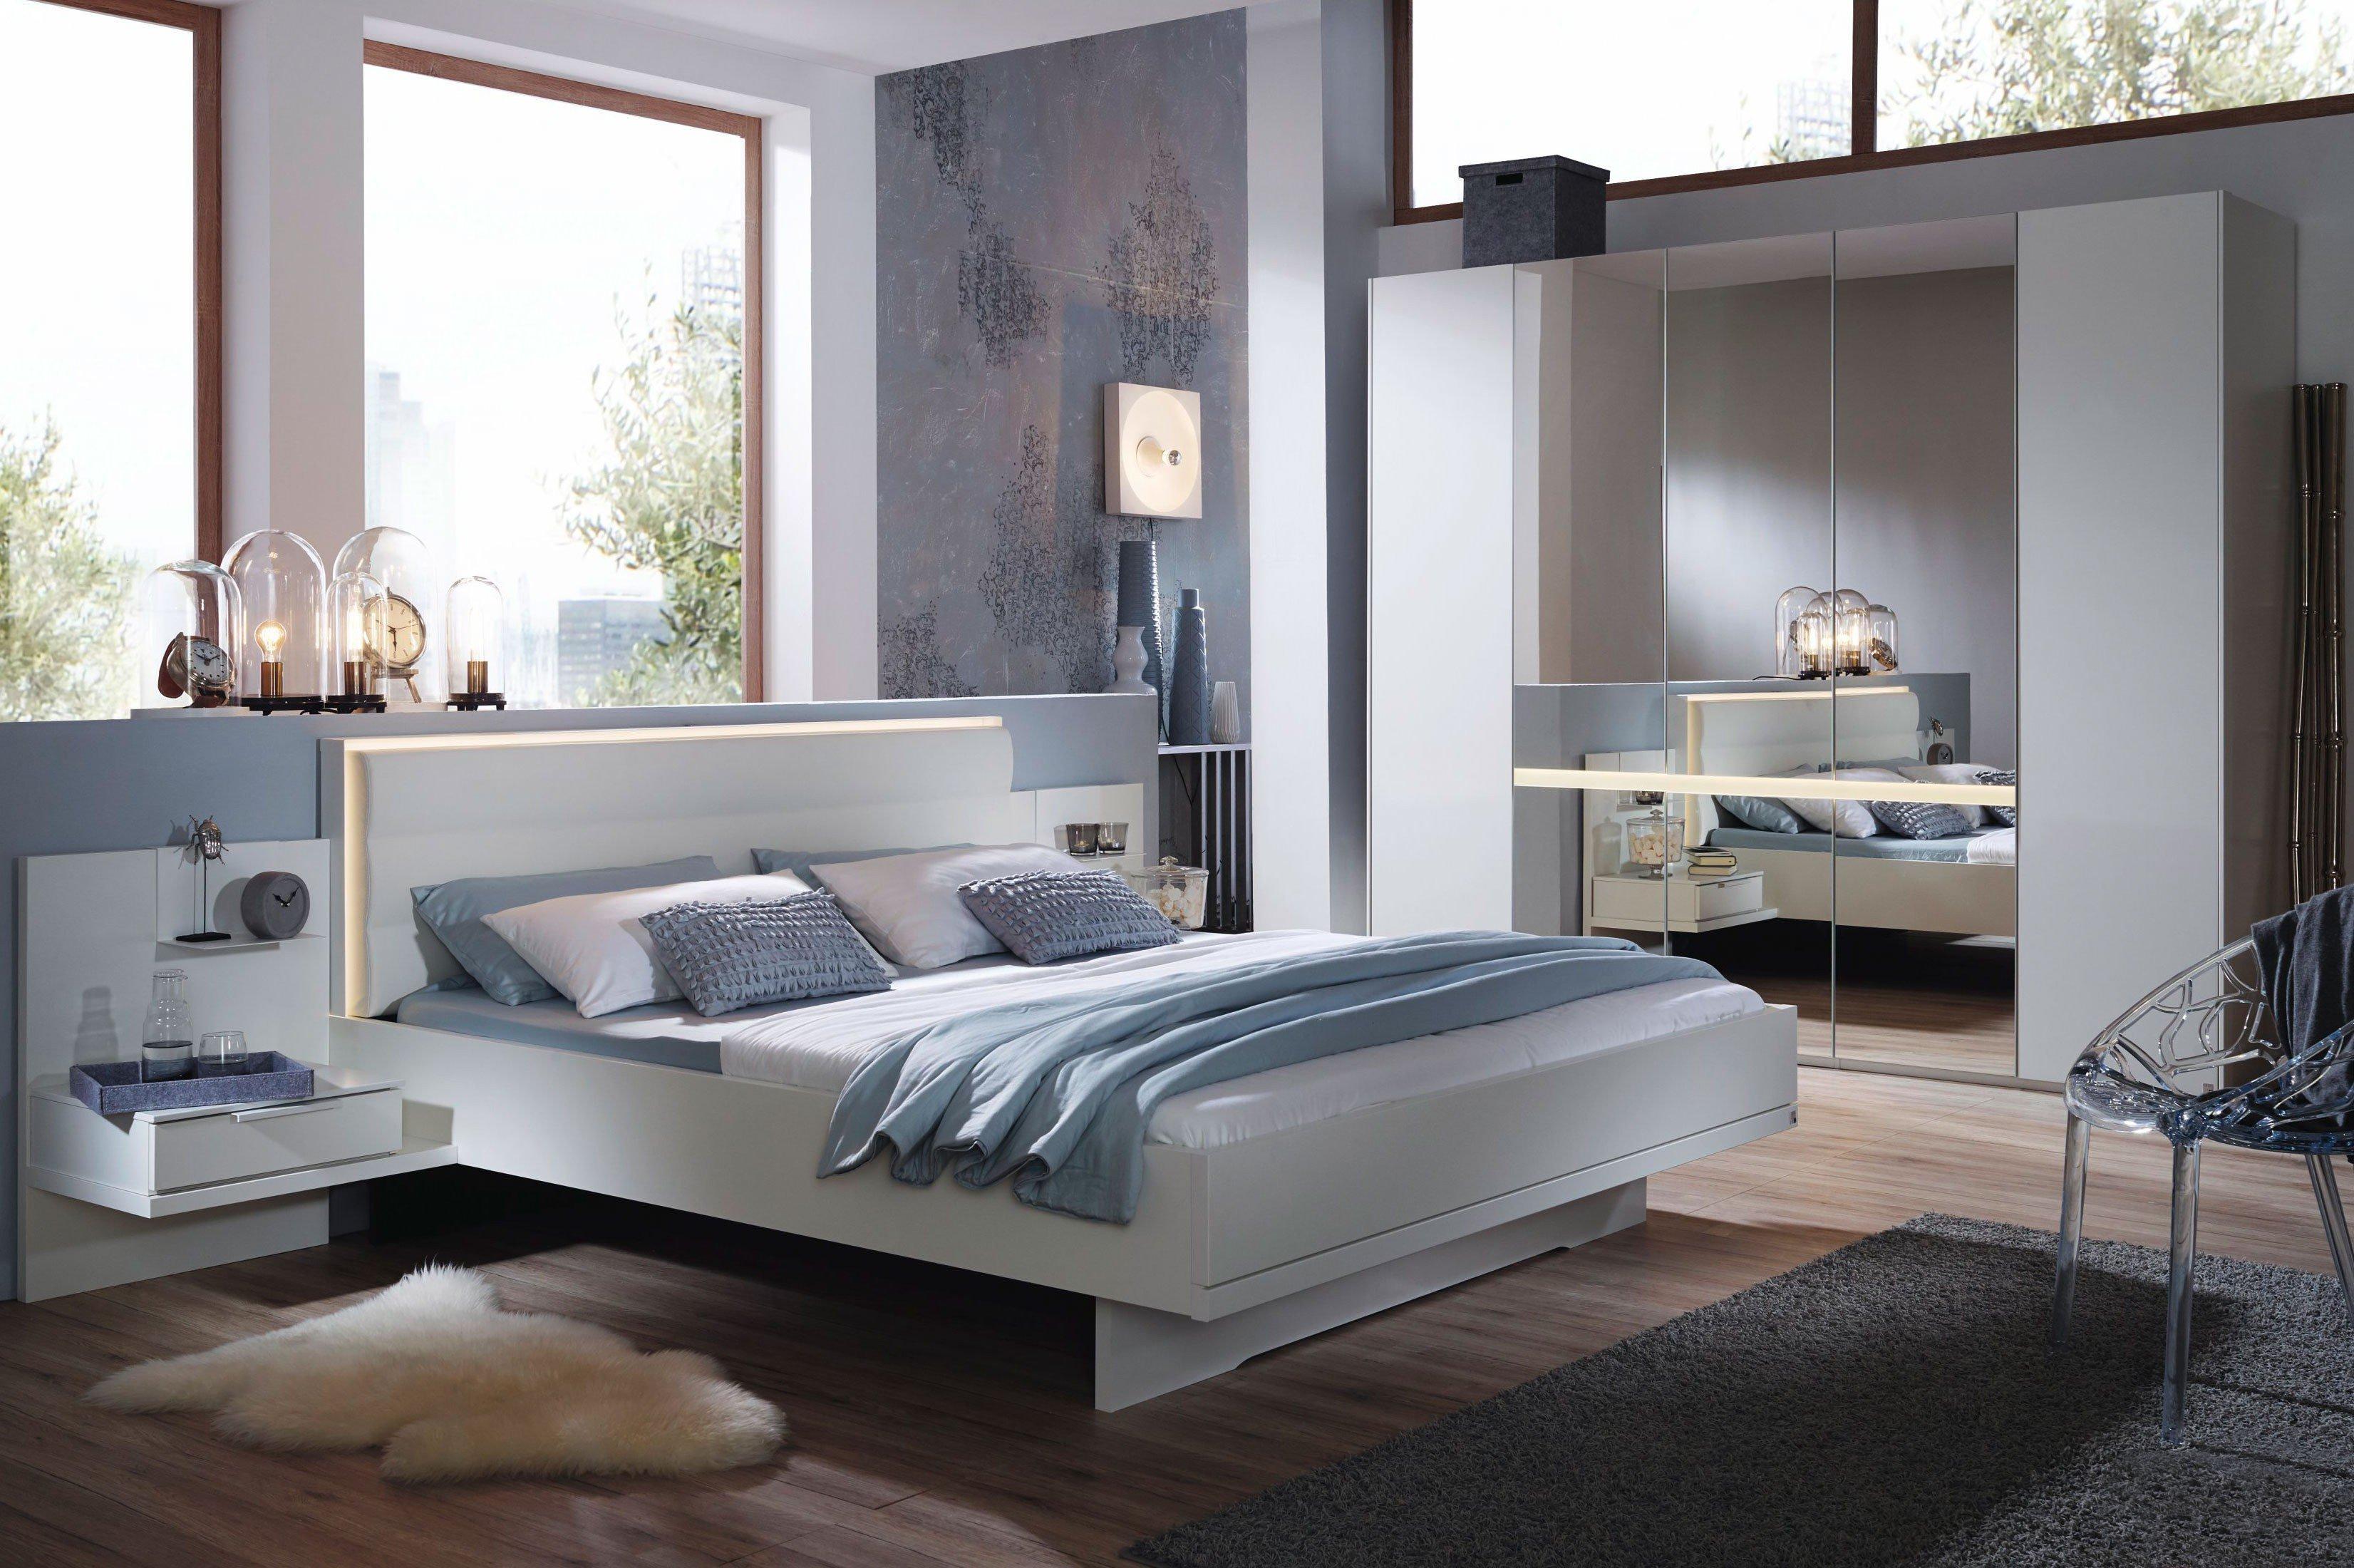 Rauch Tecoa Komplett-Schlafzimmer weiß | Möbel Letz - Ihr Online-Shop